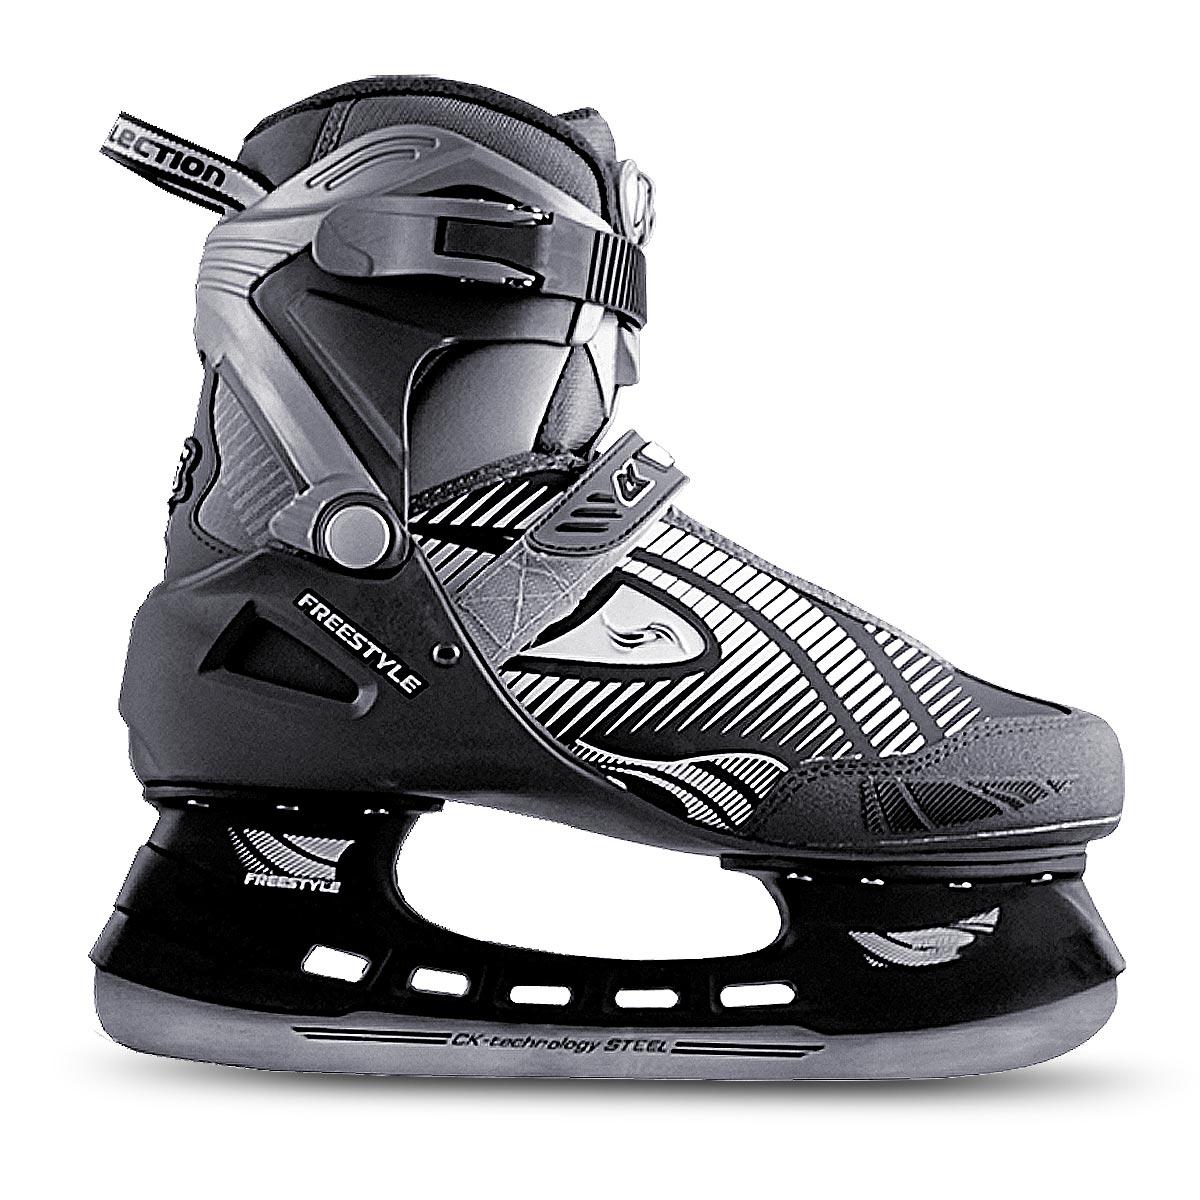 Коньки хоккейные мужские СК Freestyle, цвет: серый, черный. Размер 46FREESTYLE_серый, черный_46Оригинальные мужские коньки от CK Freestyle с ударопрочной защитной конструкцией прекрасно подойдут для начинающих игроков в хоккей. Сапожок, выполненный из комбинации ПВХ, морозостойкой искусственной кожи, нейлона и капровелюра, обеспечит тепло и комфорт во время катания. Внутренний слой изготовлен из фланелета, а стелька - из текстиля. Пластиковая бакля и шнуровка с фиксатором, а также хлястик на липучке надежно фиксируют голеностоп. Плотный мысок и усиленный задник оберегают ногу от ушибов. Фигурное лезвие изготовлено из углеродистой нержавеющей стали со специальным покрытием, придающим дополнительную прочность.Изделие по верху декорировано оригинальным принтом и тиснением в виде логотипа бренда. Задняя часть коньков дополнена широким ярлычком для более удобного надевания обуви. Стильные коньки придутся вам по душе.